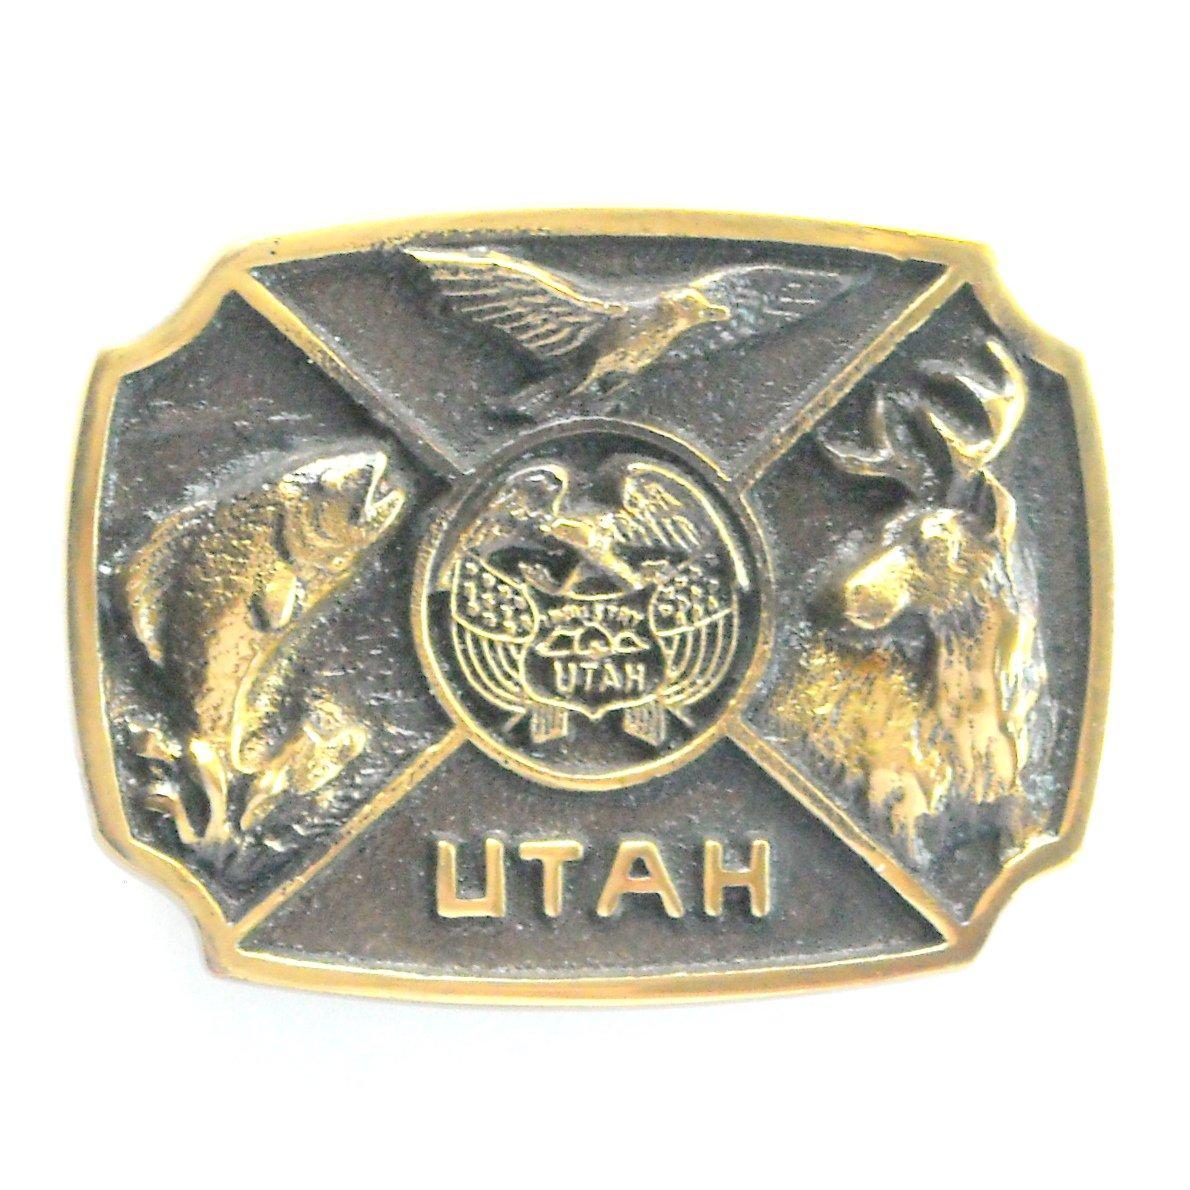 Vintage Utah State Seal 3D Limited Edition 1452 brass belt buckle